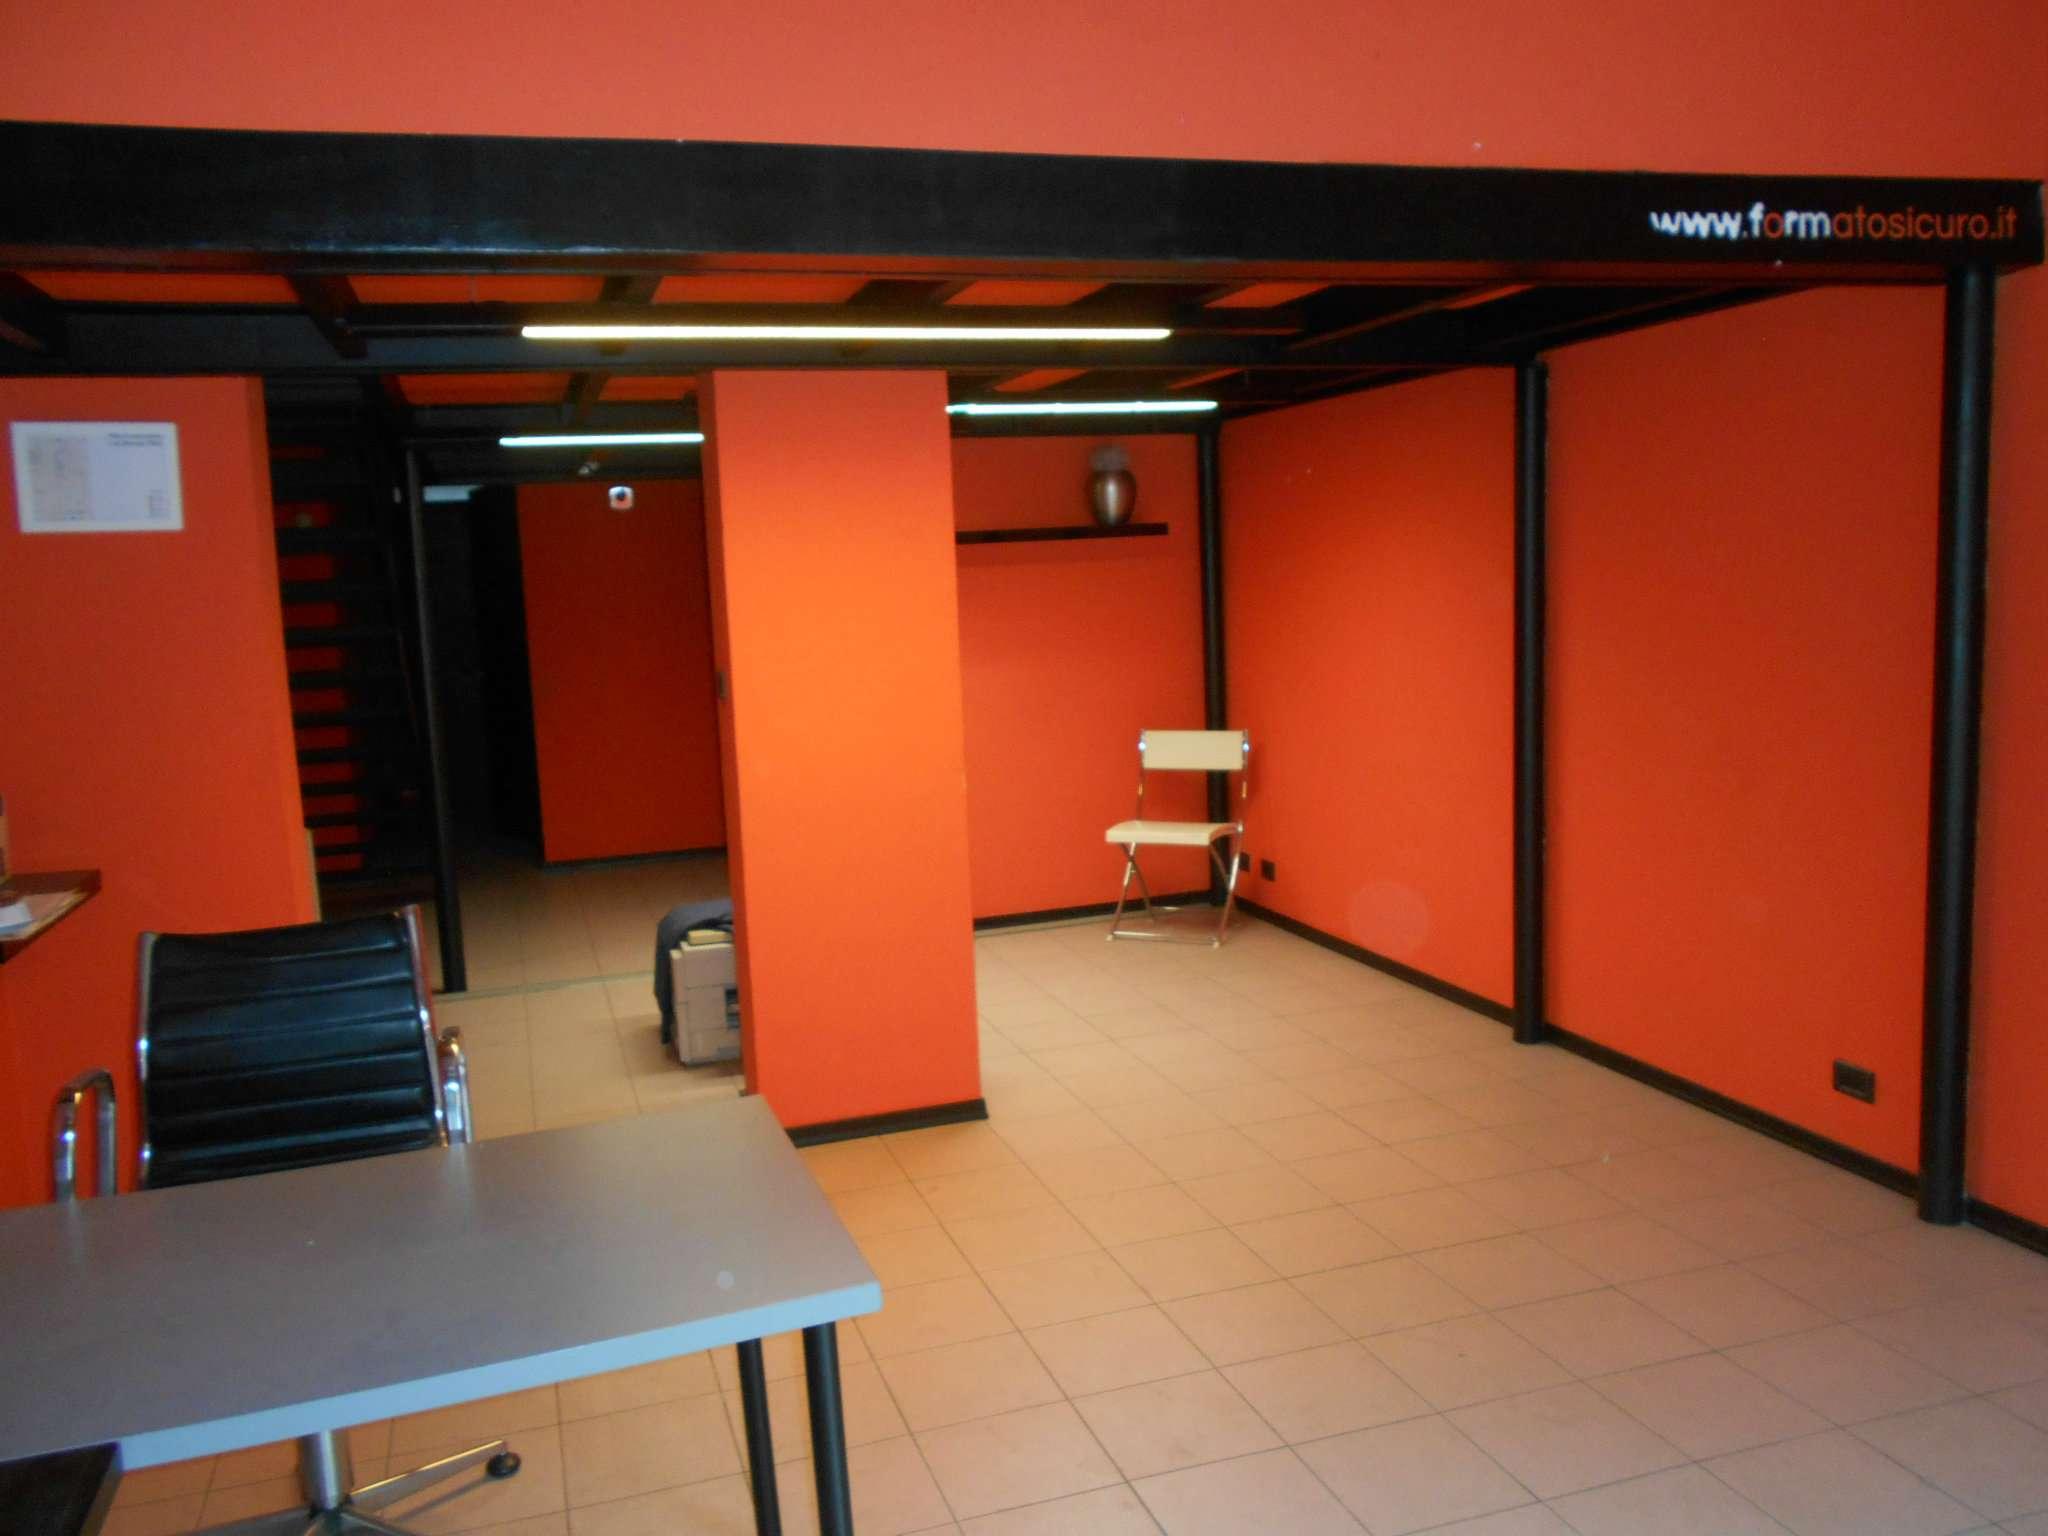 Negozio in affitto Zona Santa Rita - corso SIRACUSA Torino